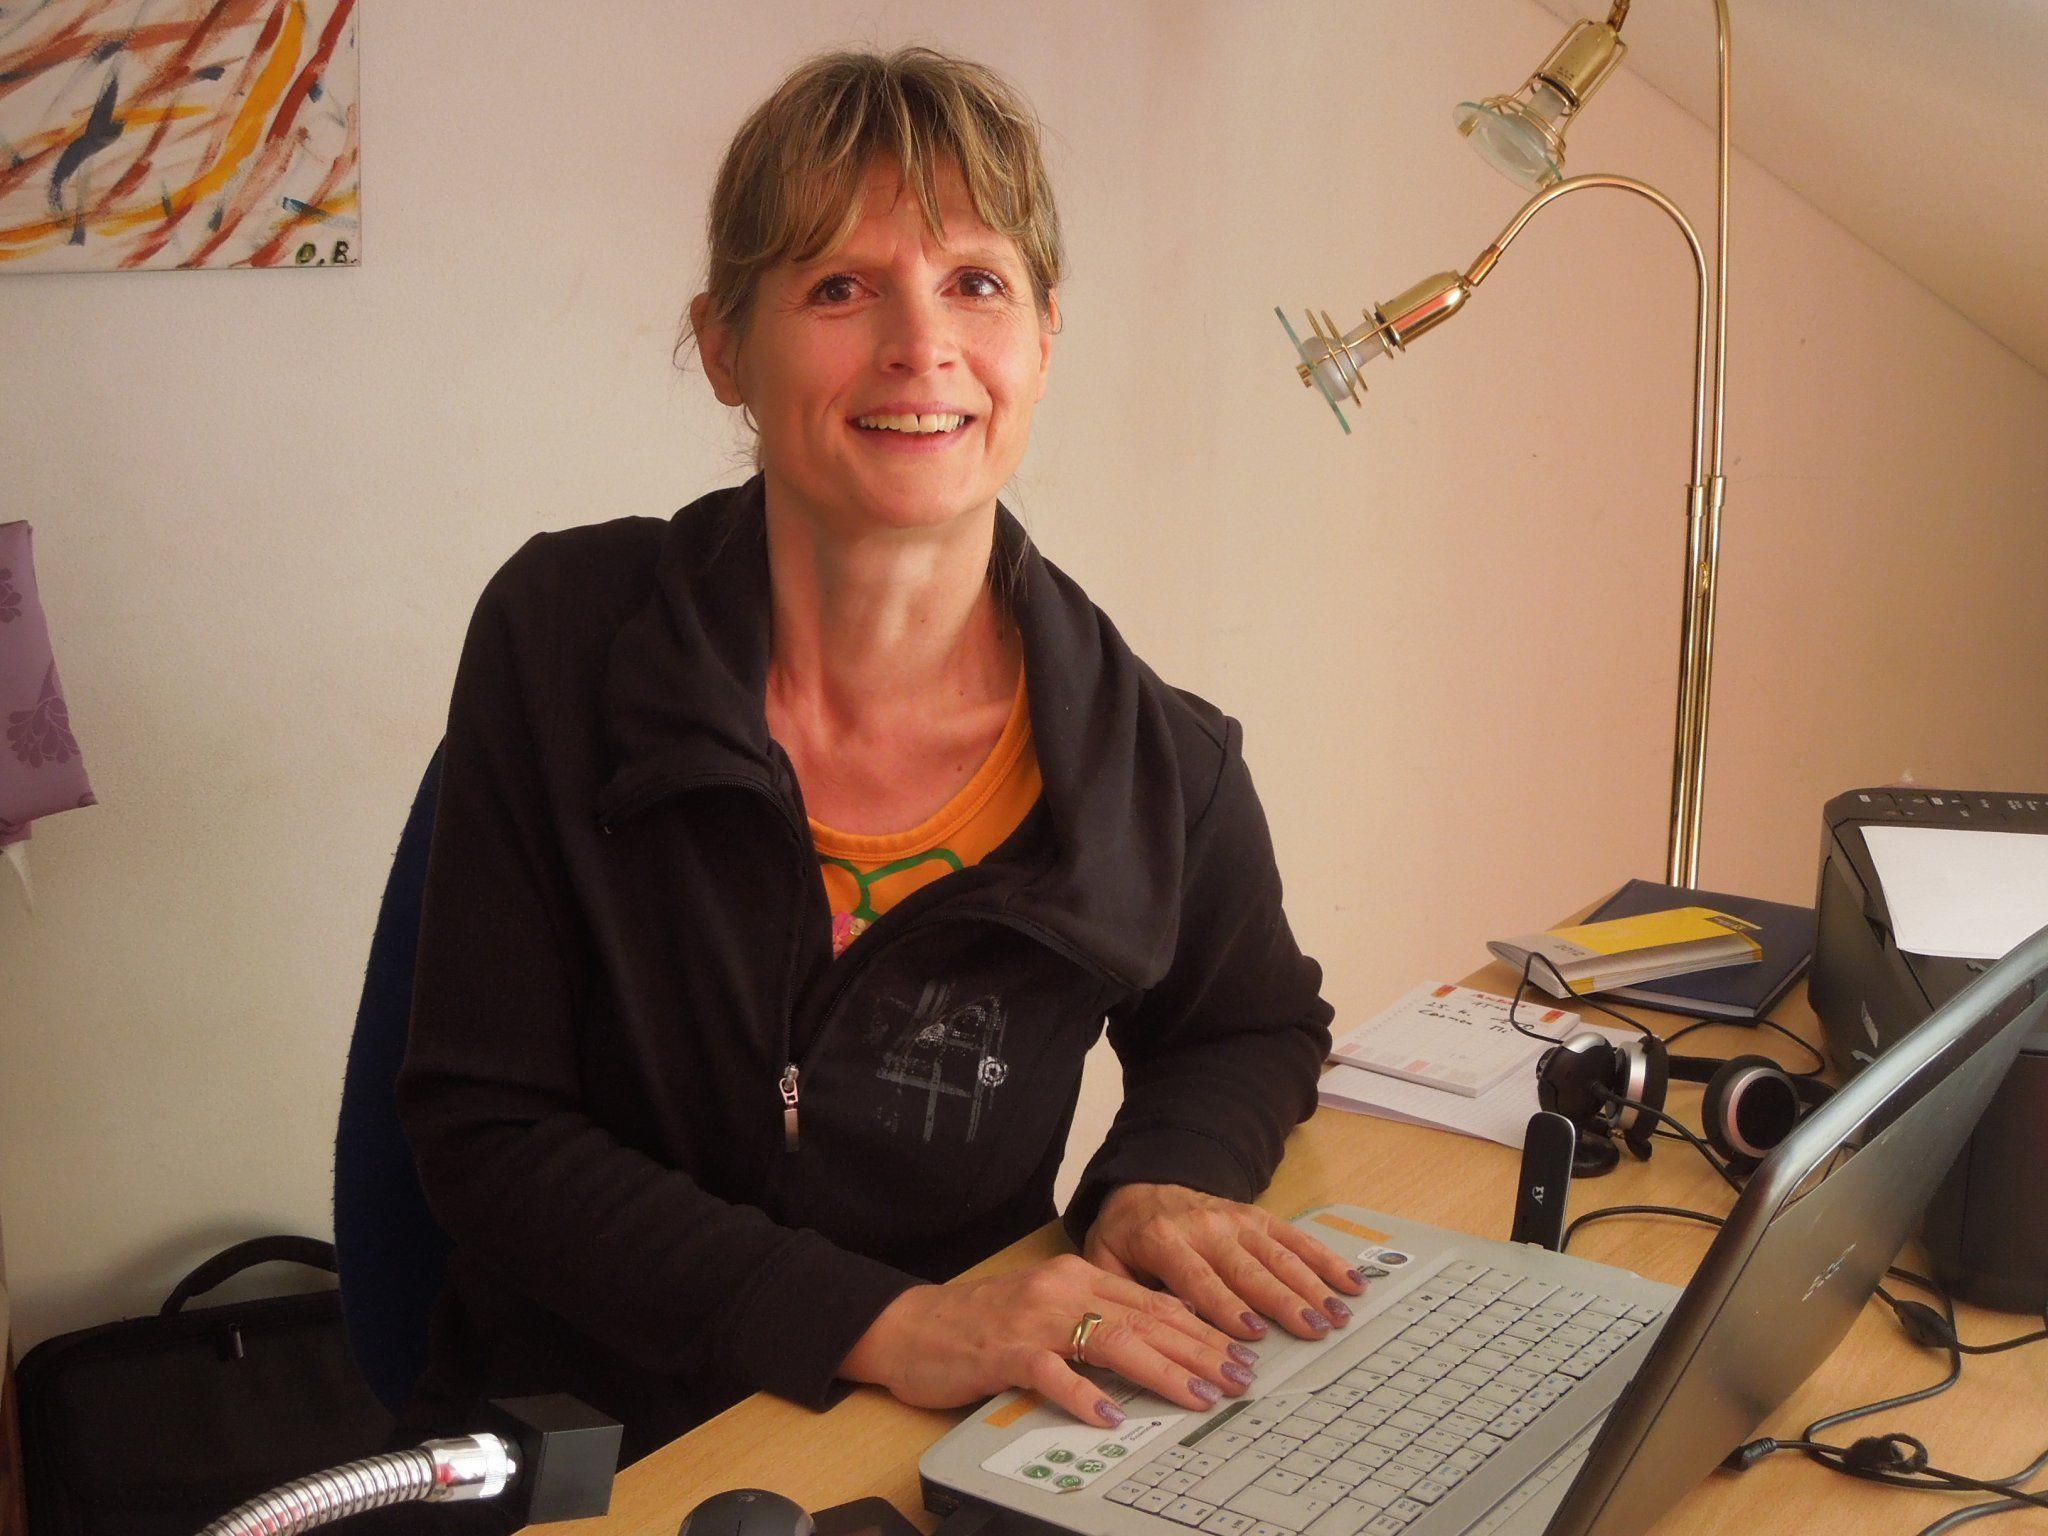 In ihrer Agentur Servicefee sorgt Daniela Boschetto dafür, dass Geschäftsleute und Privatpersonen perfekt begleitet werden.